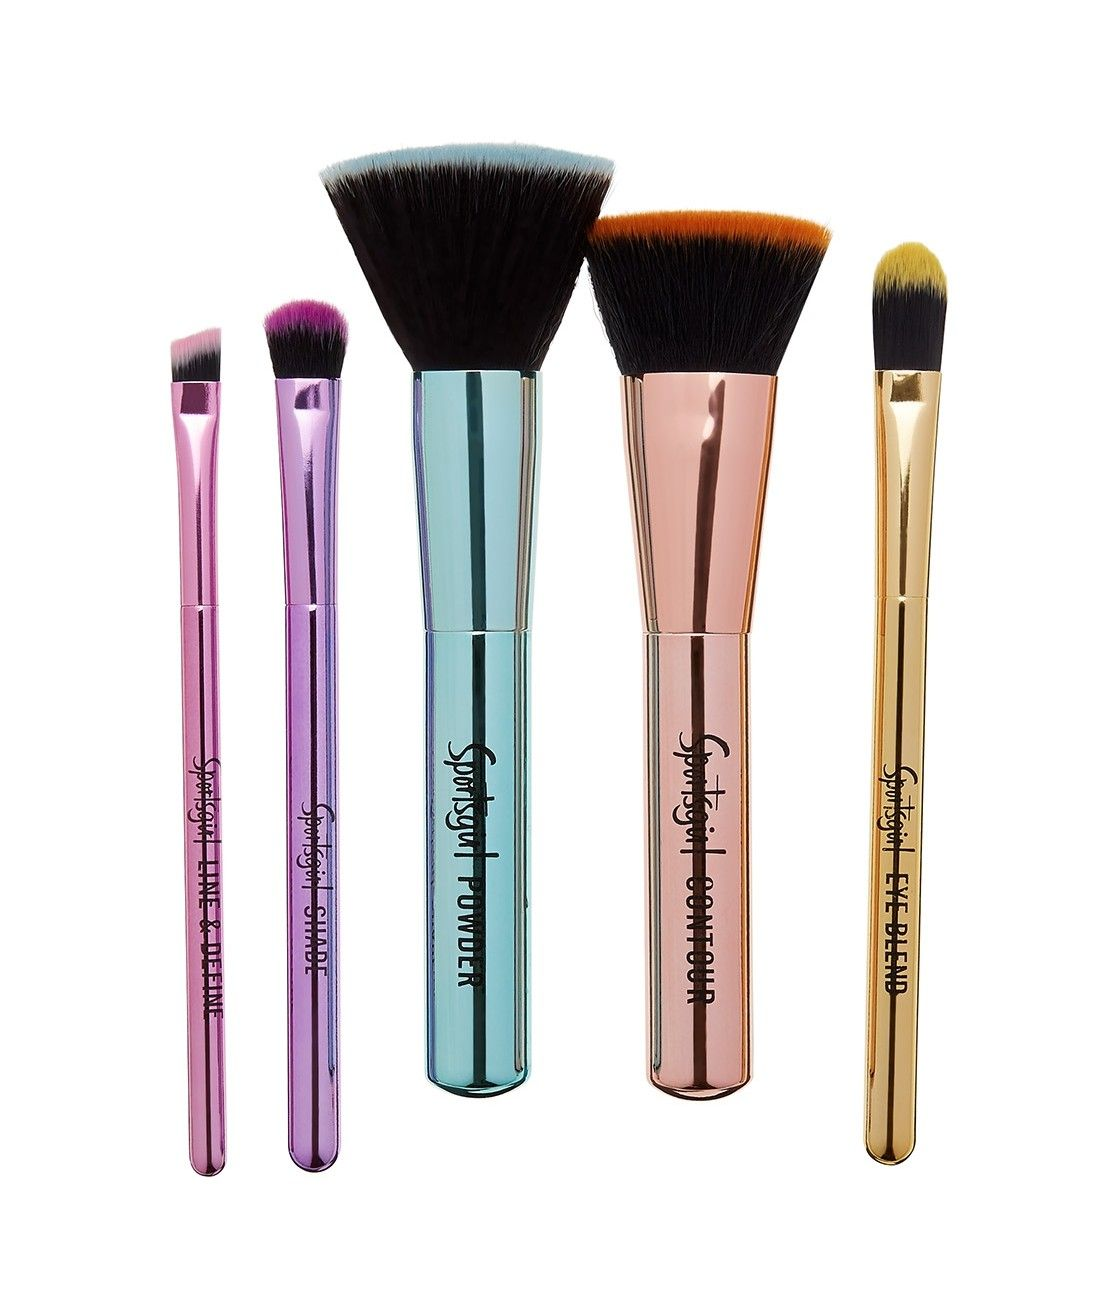 Brush With Fame Metallic Brush Set Brush Brush Set Makeup Vault